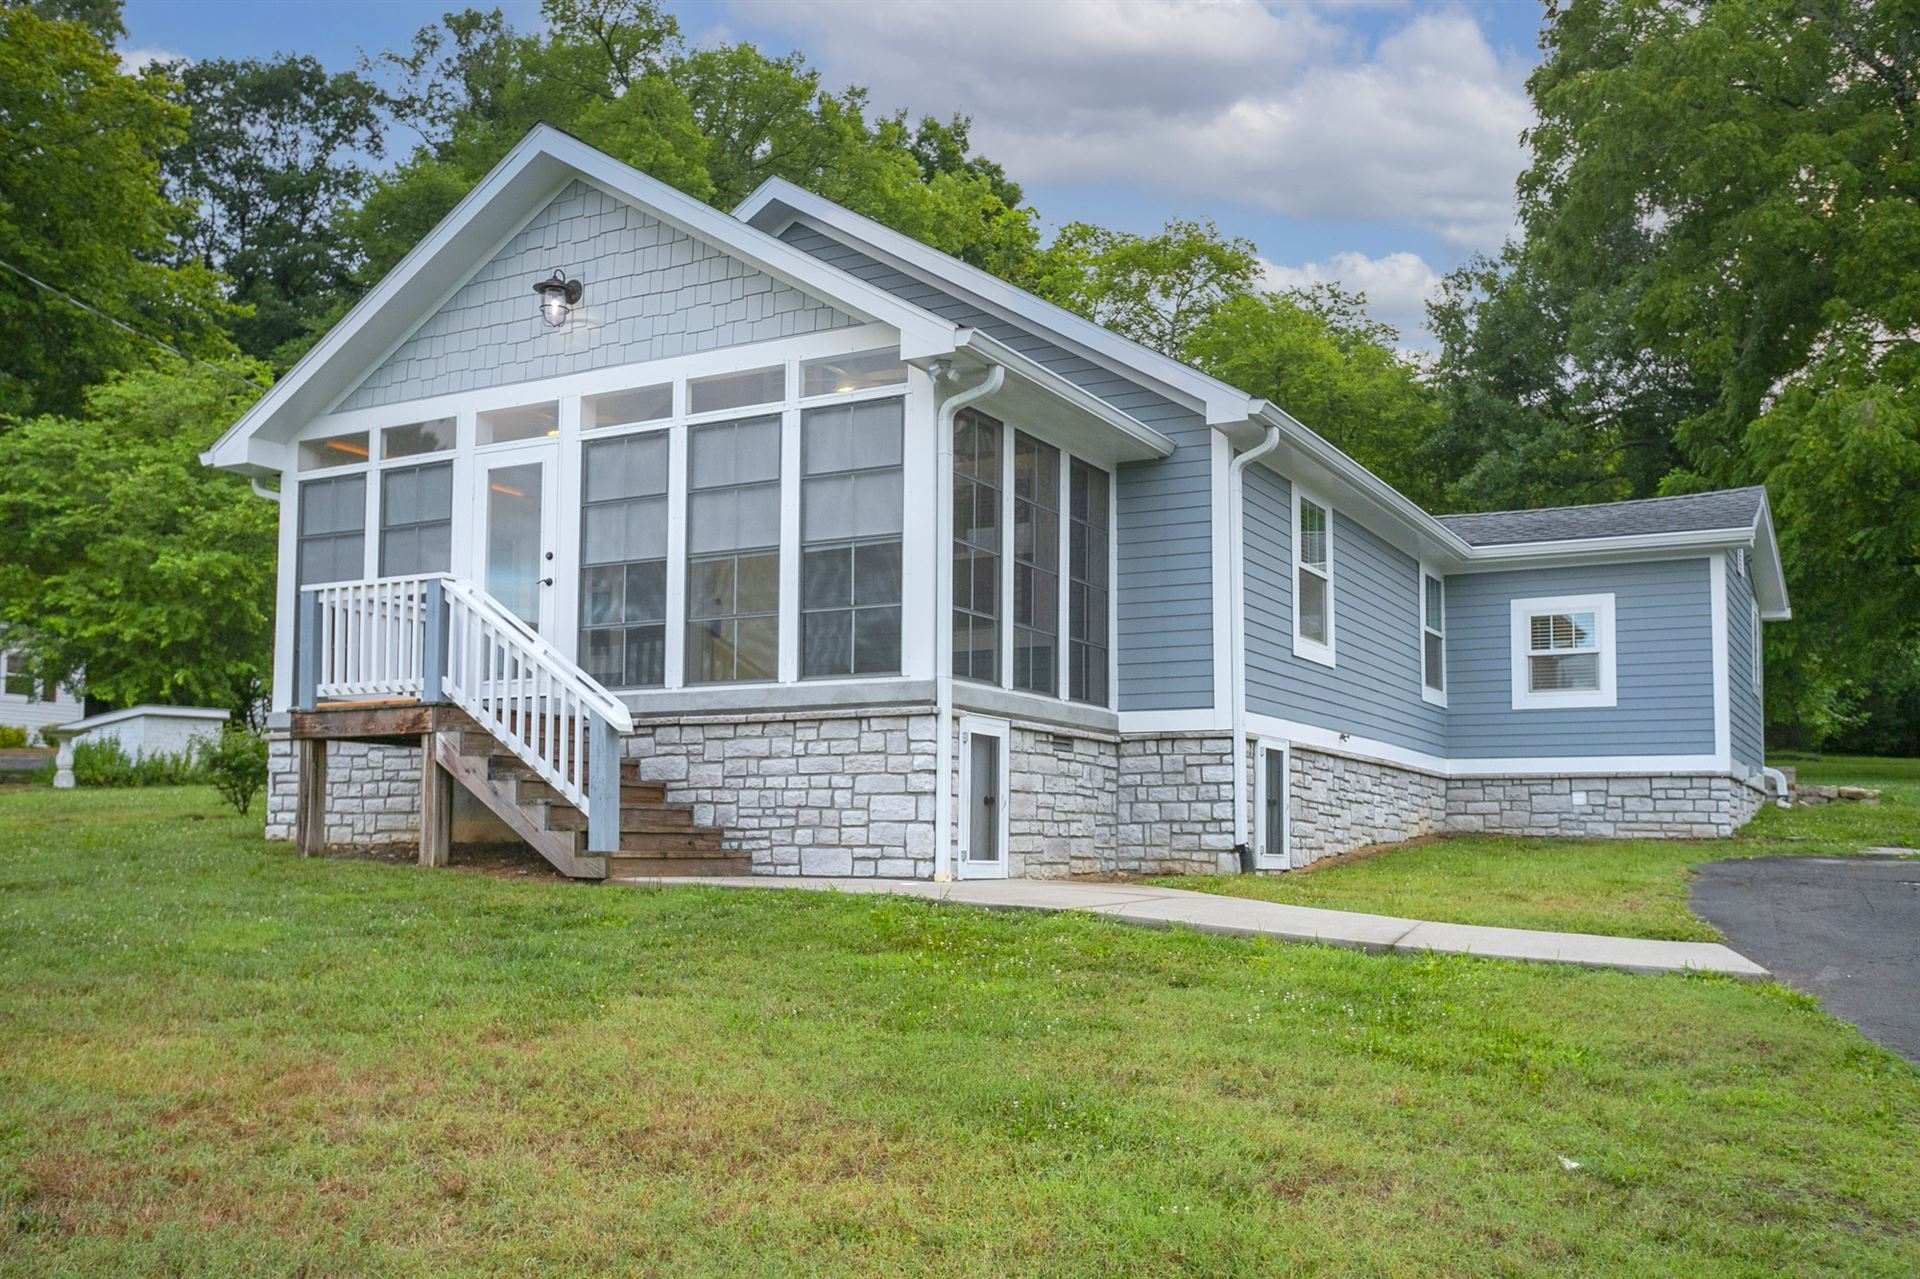 14307 Old Hickory Blvd, Antioch, TN 37013 - MLS#: 2270999